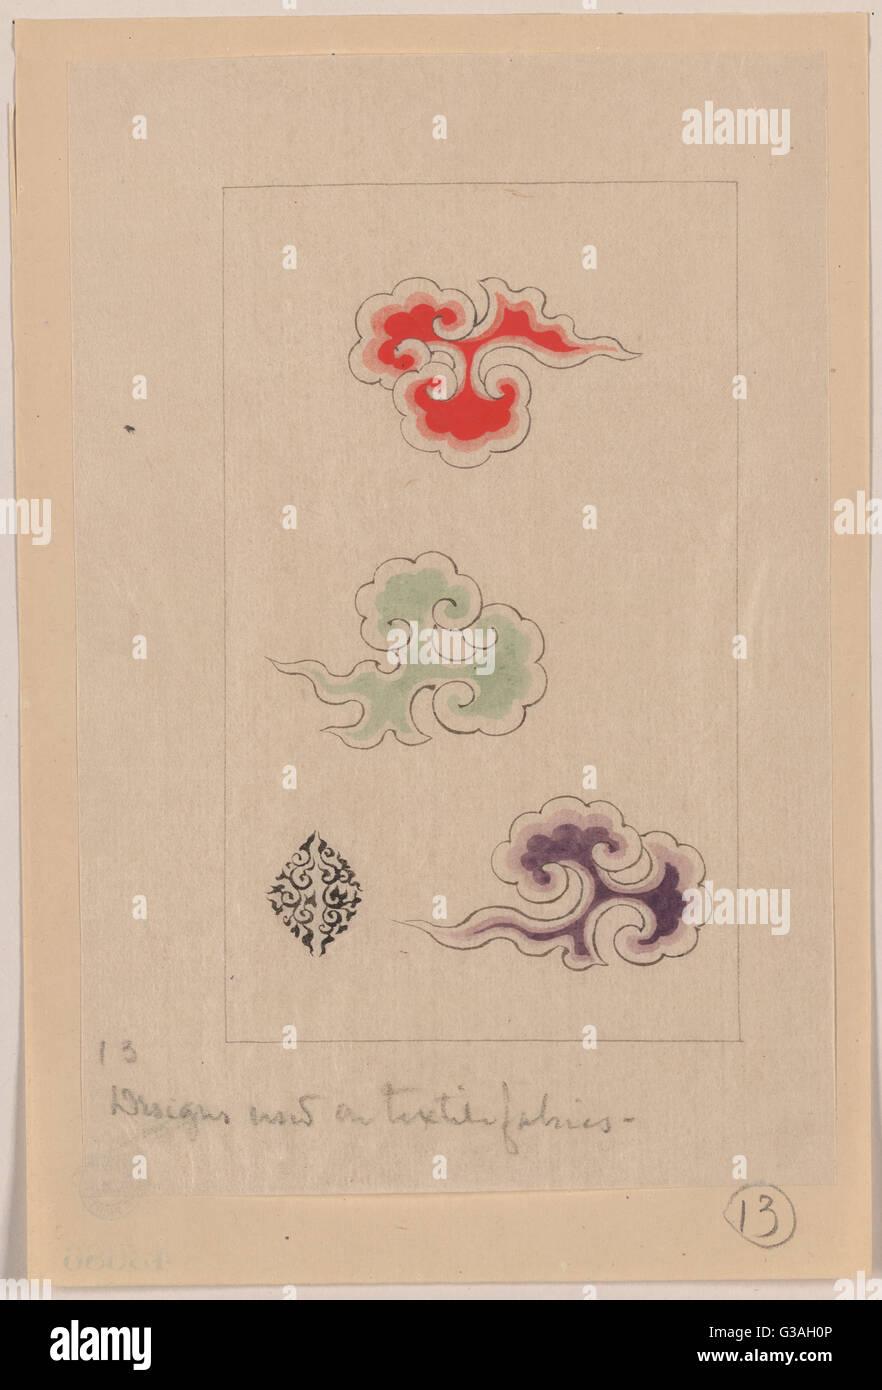 Maintenant les dessins sur des matières textiles. Date 1878?. Photo Stock